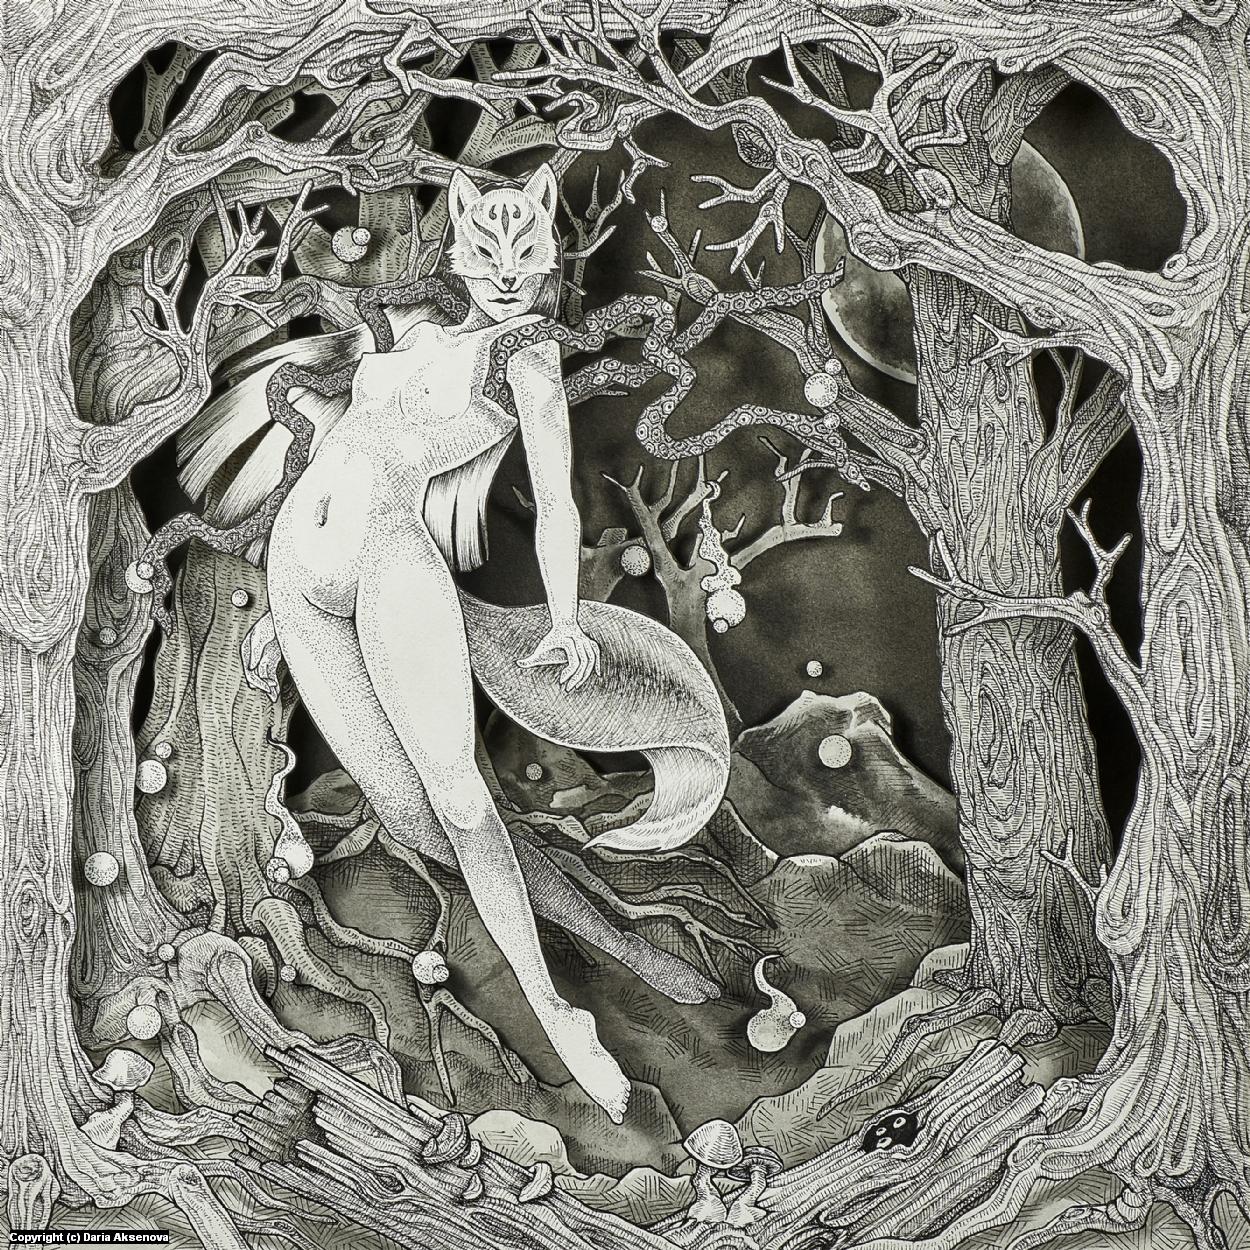 Kitsune-Ken Artwork by Daria Aksenova